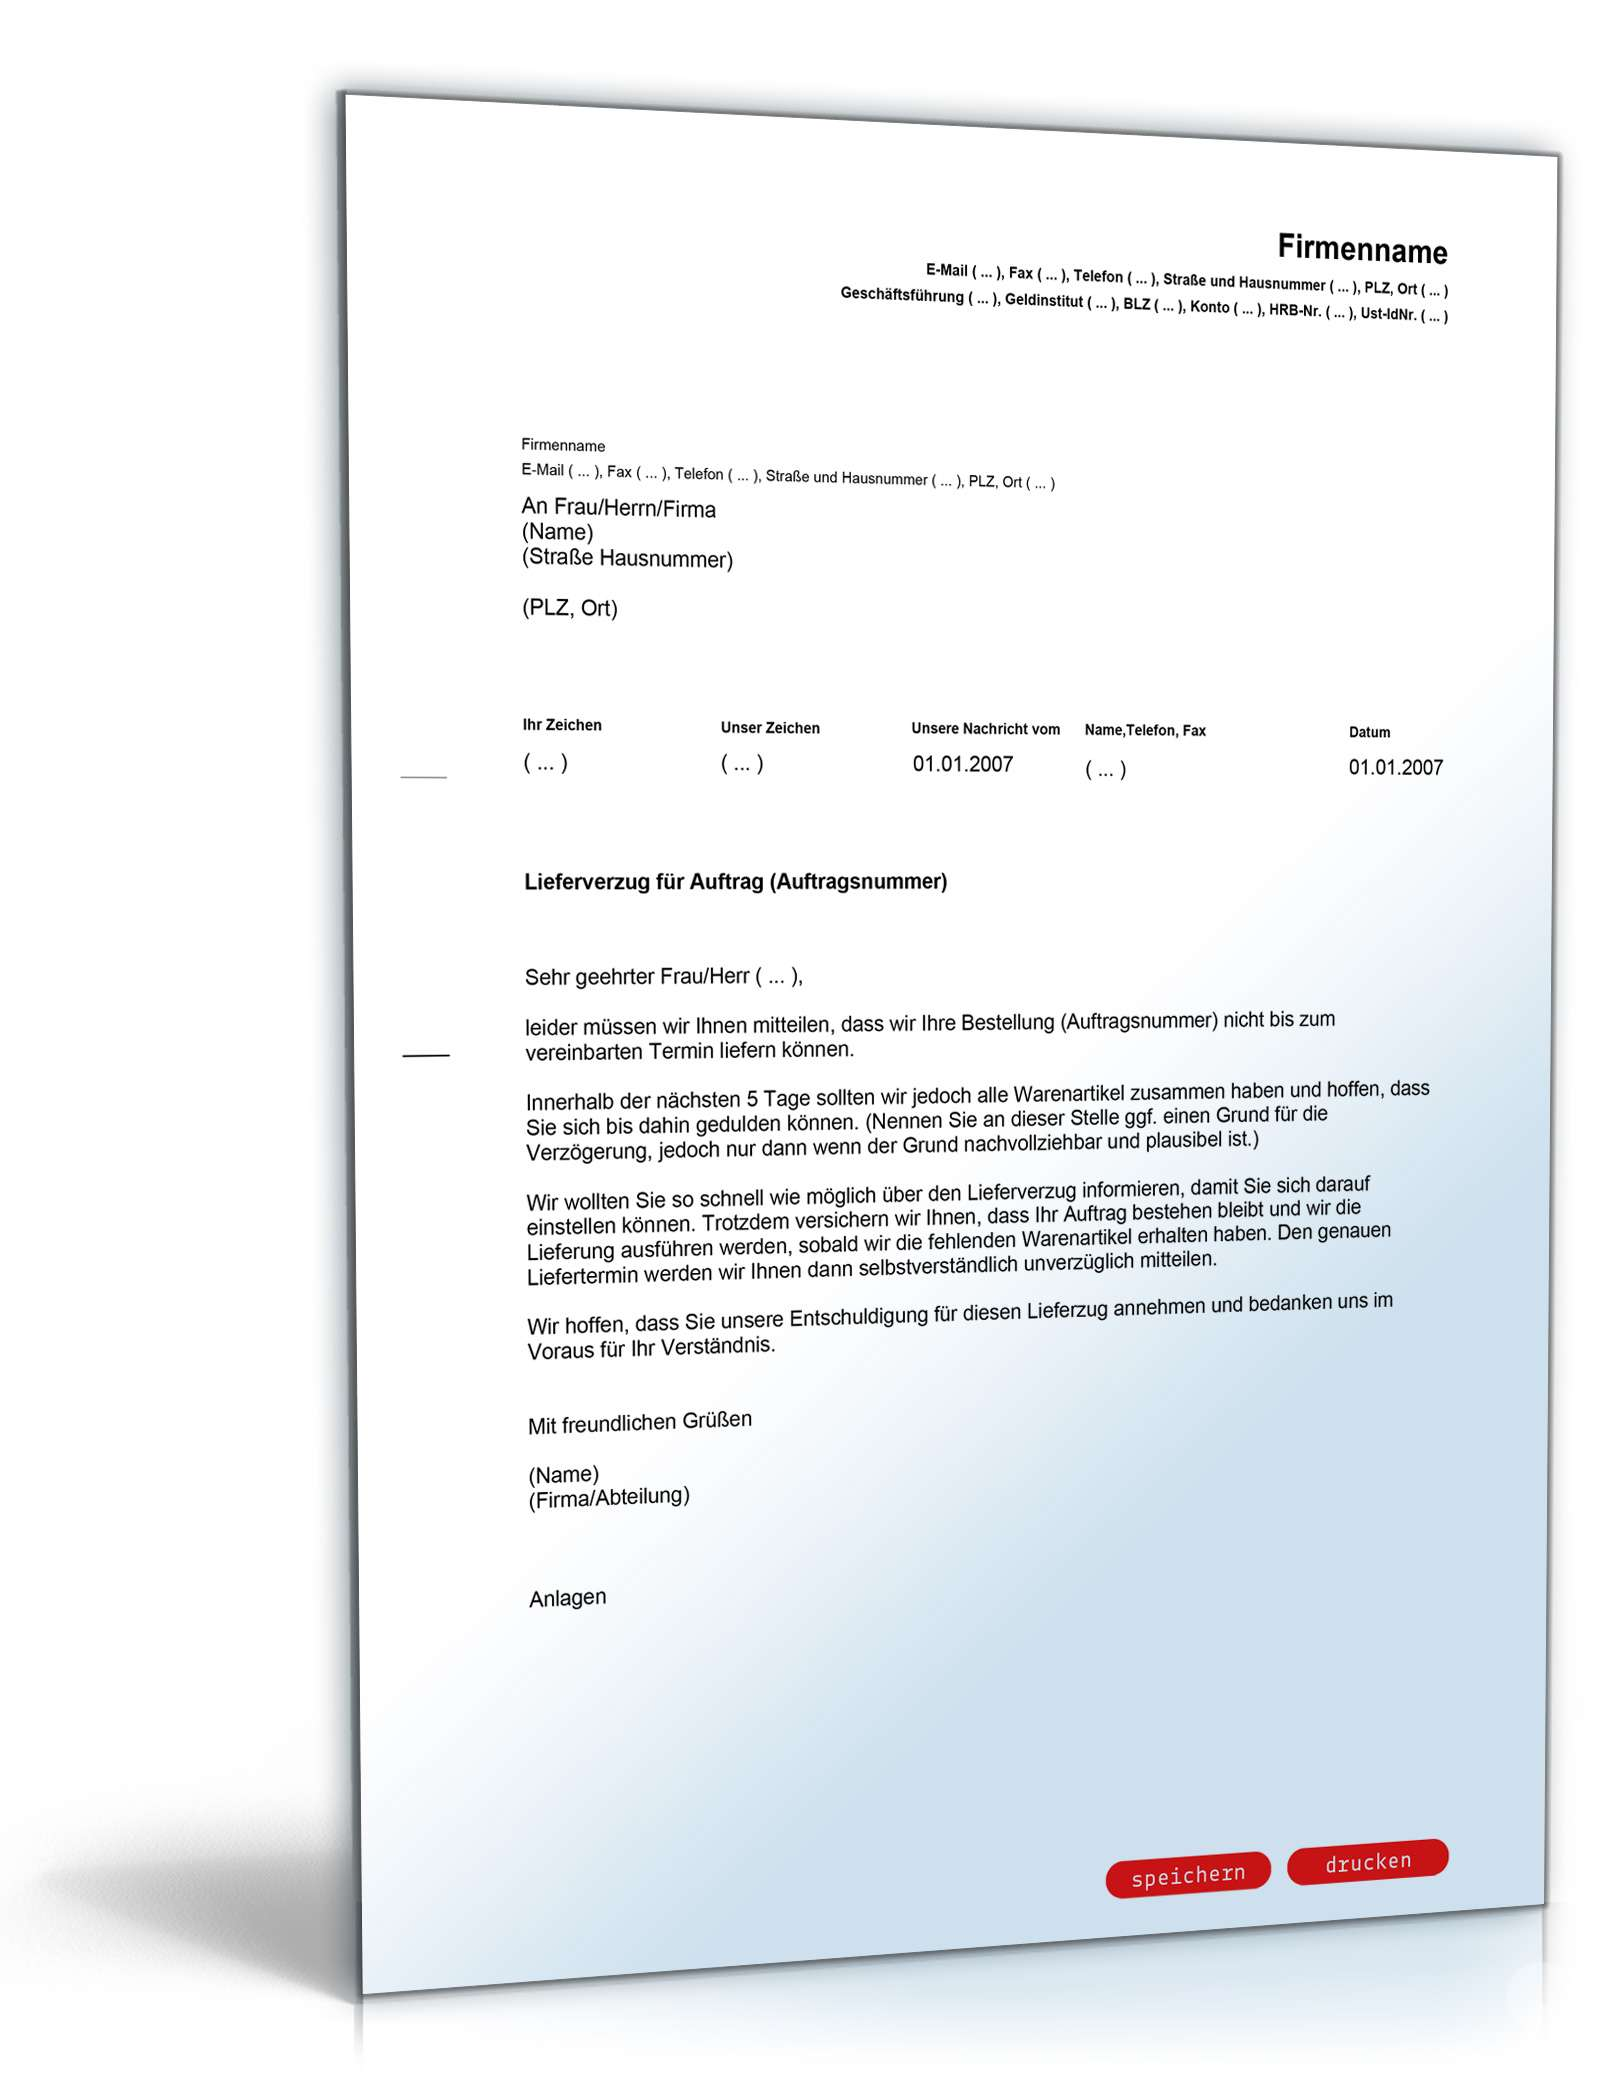 Entschuldigung Verzögerung Liefertermin Muster Zum Download